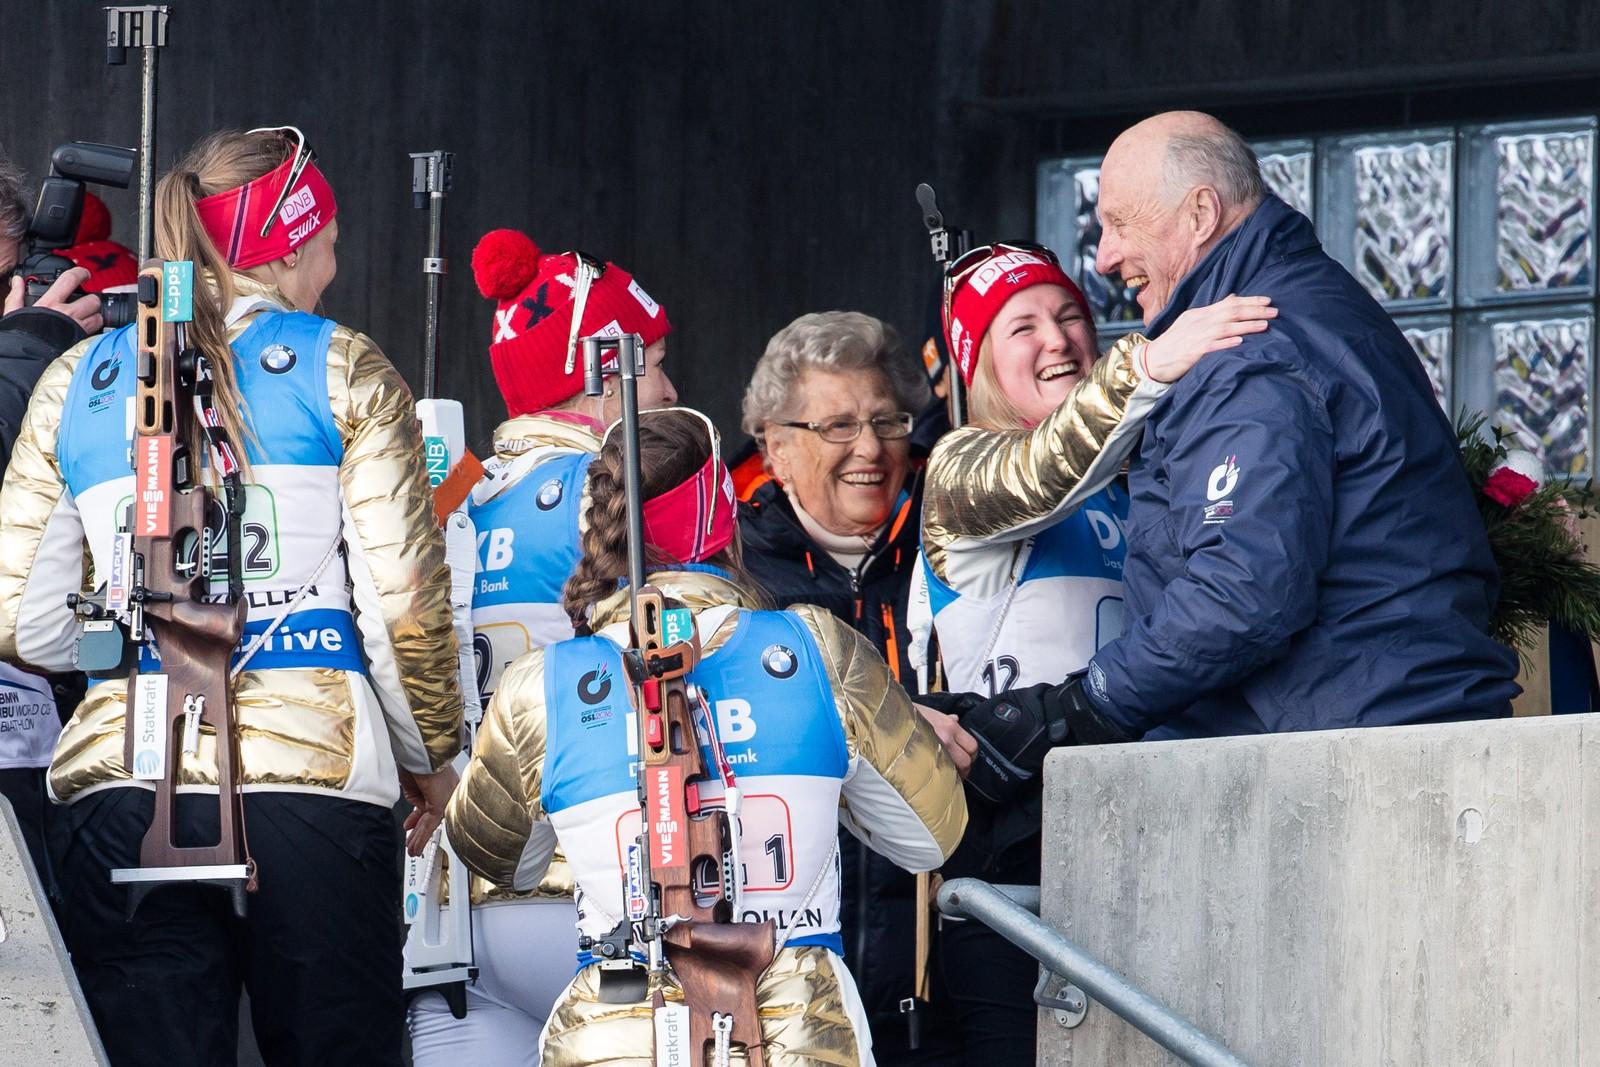 Marte Olsbu klemmer og hilser på kong Harald og prinsesse Astrid etter gullet på stafett kvinner i VM i skiskyting i Holmenkollen fredag.